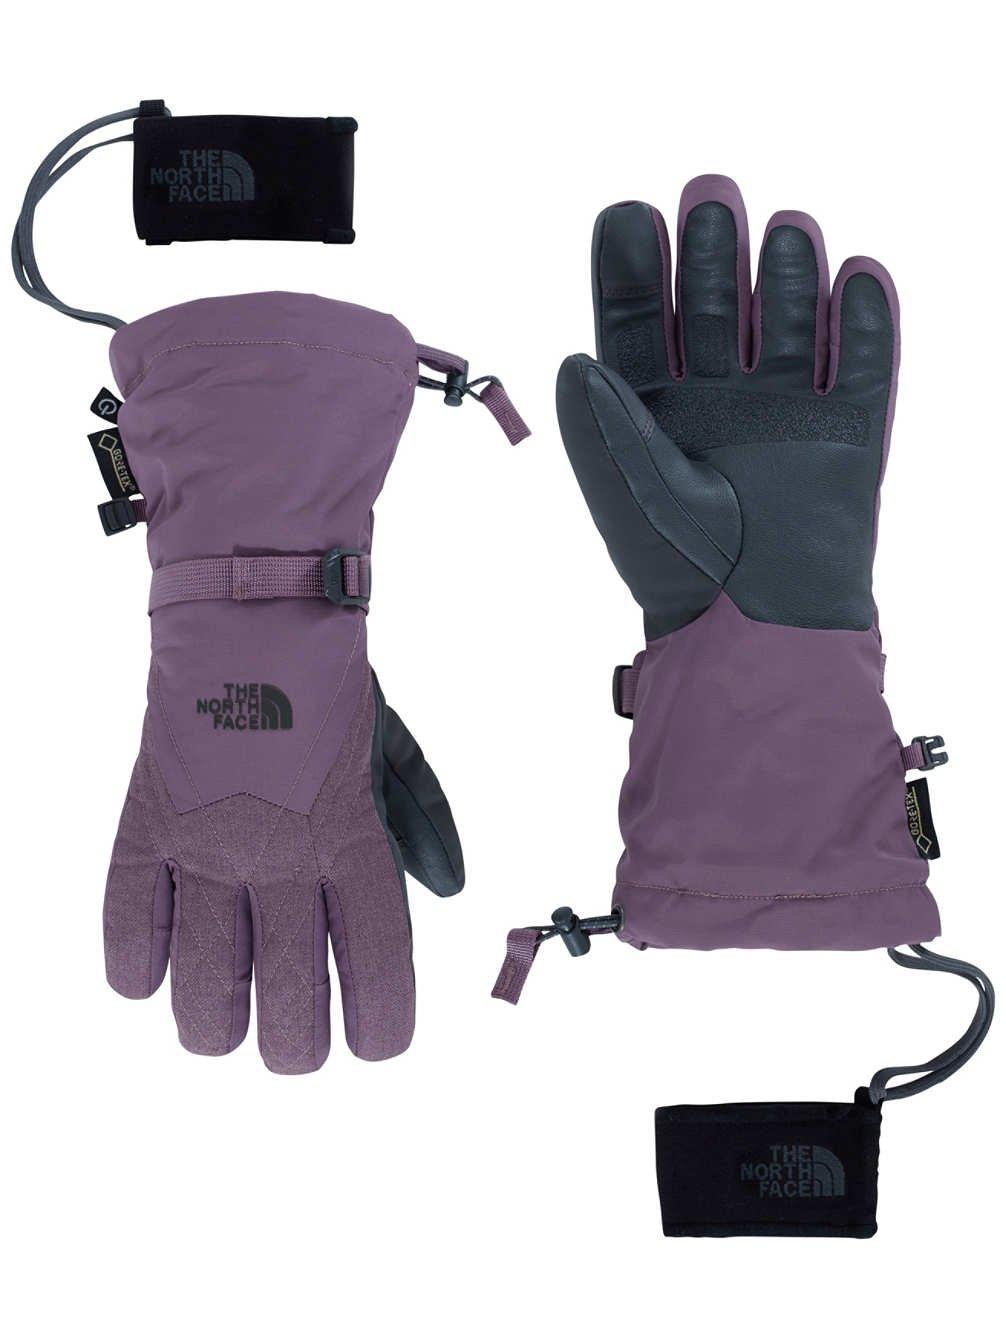 guantes termicos para deportes de invierno. como preparar la mochila para un viaje de aventura largo, camino de santiago, trekking.